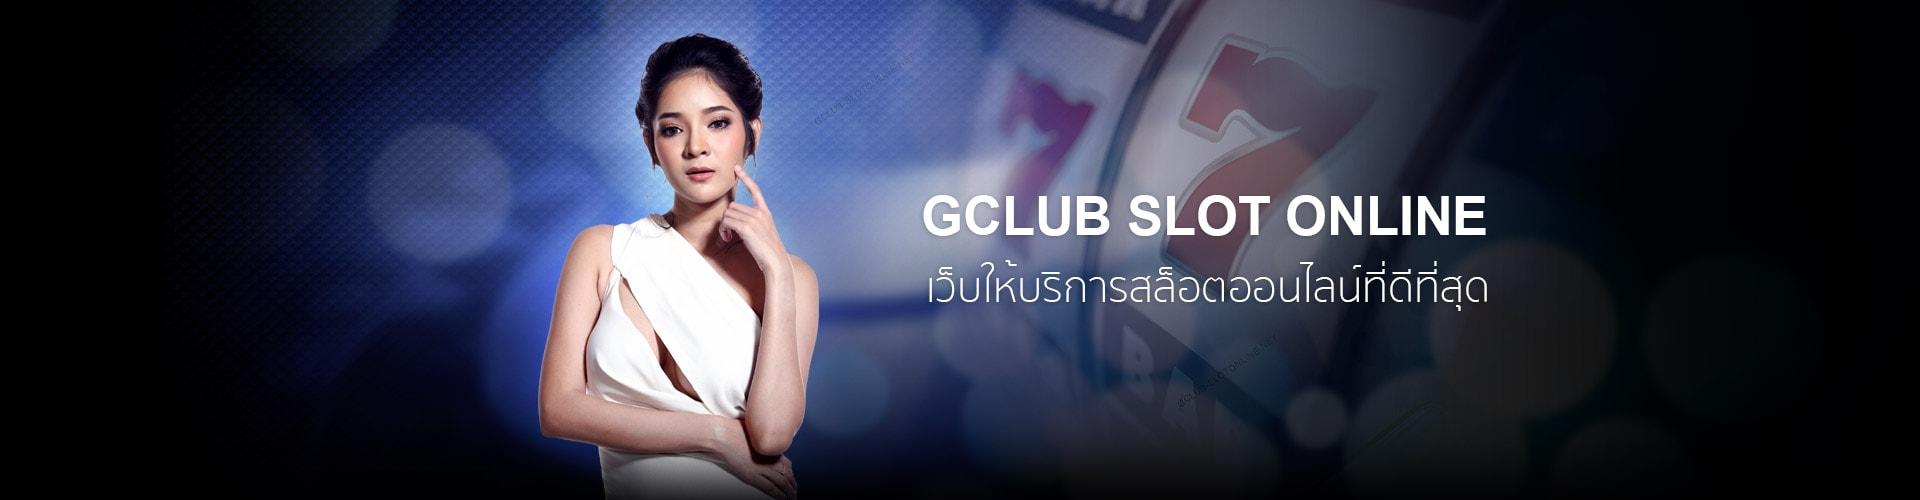 Gclub Slot Online Best